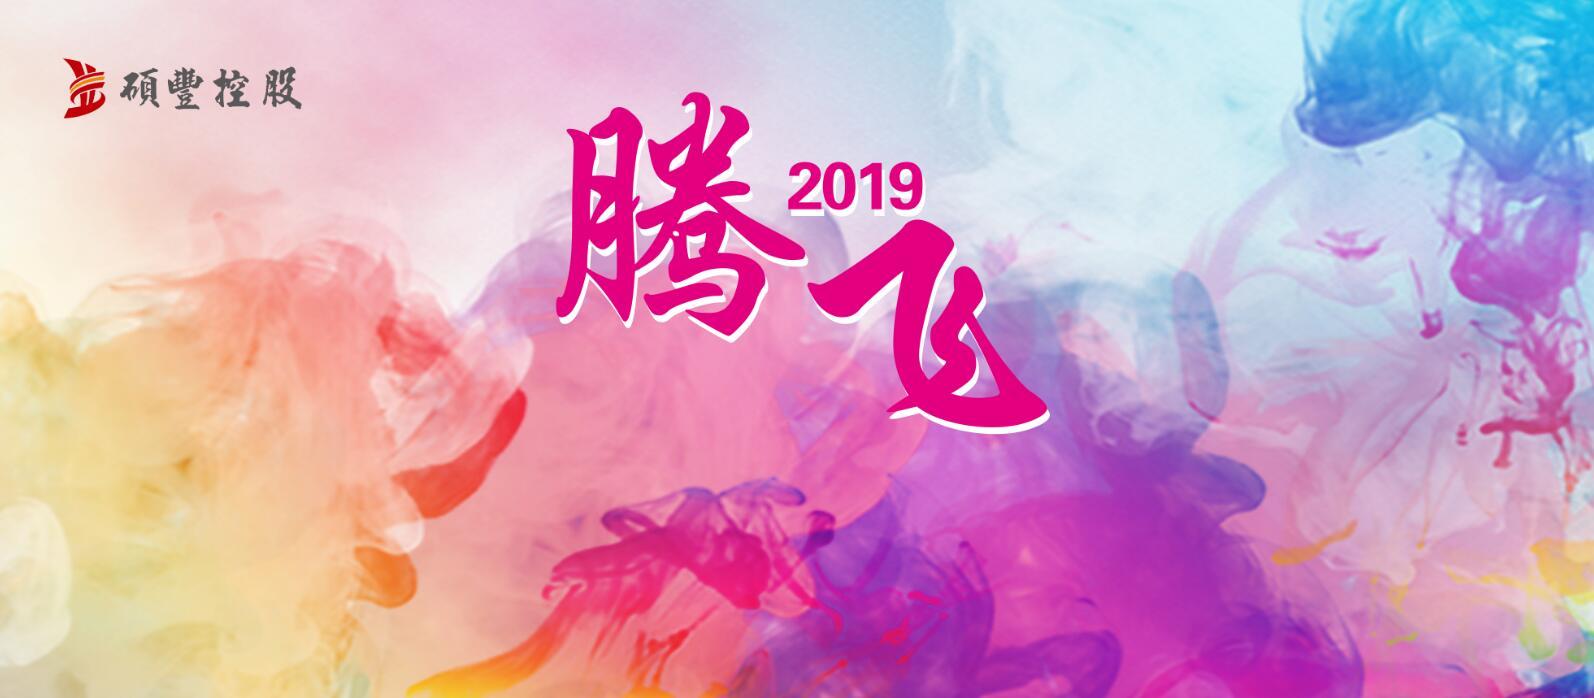 2019年会祝福